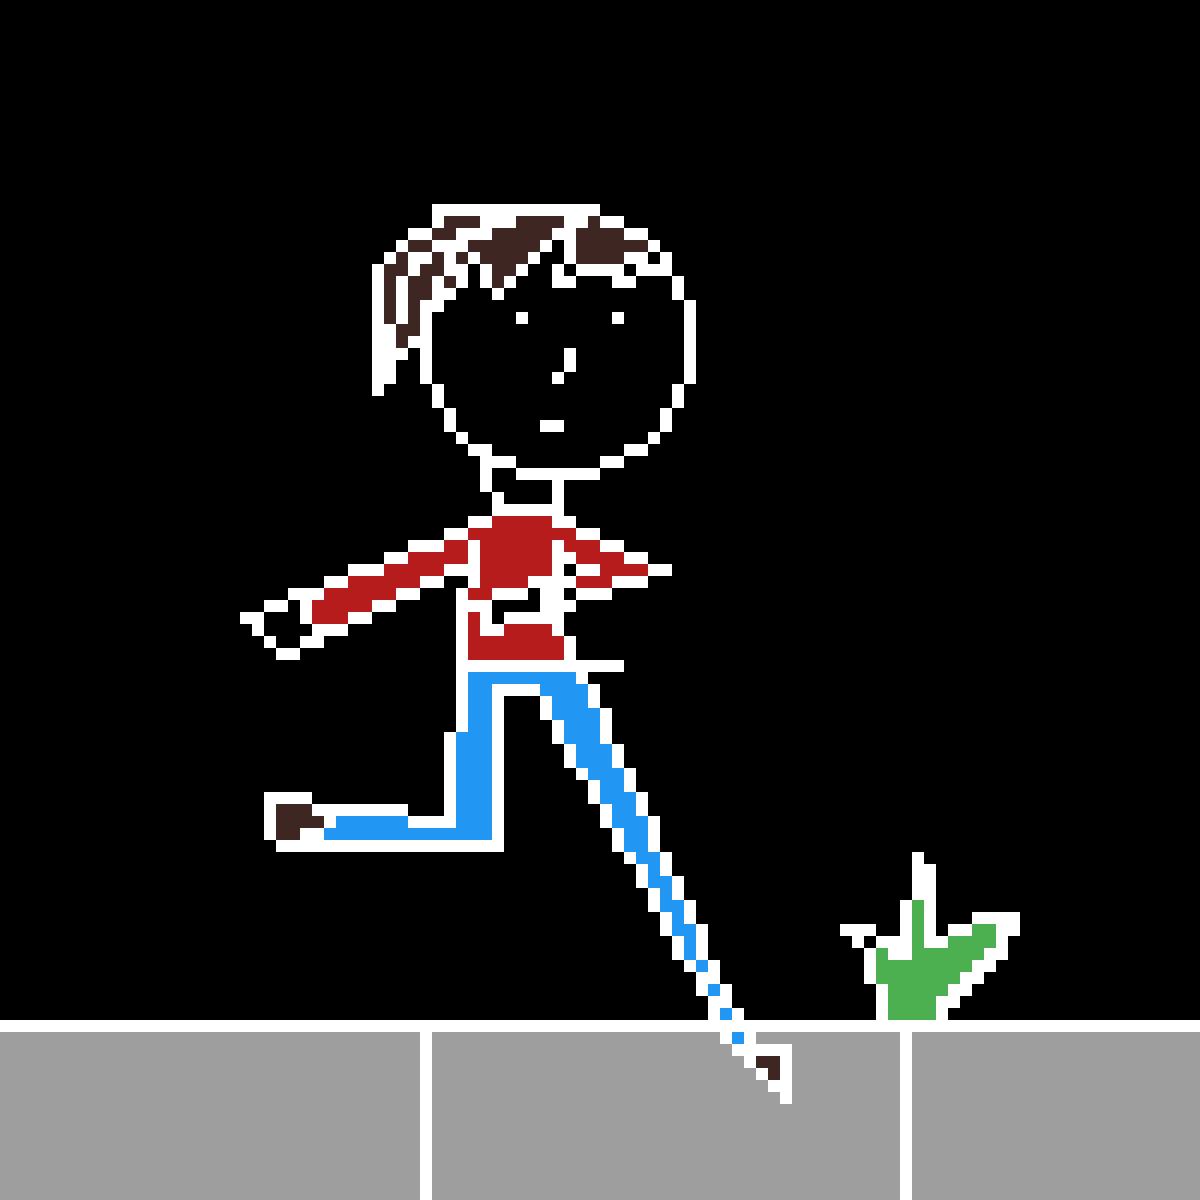 The runner by Anime-Nerd